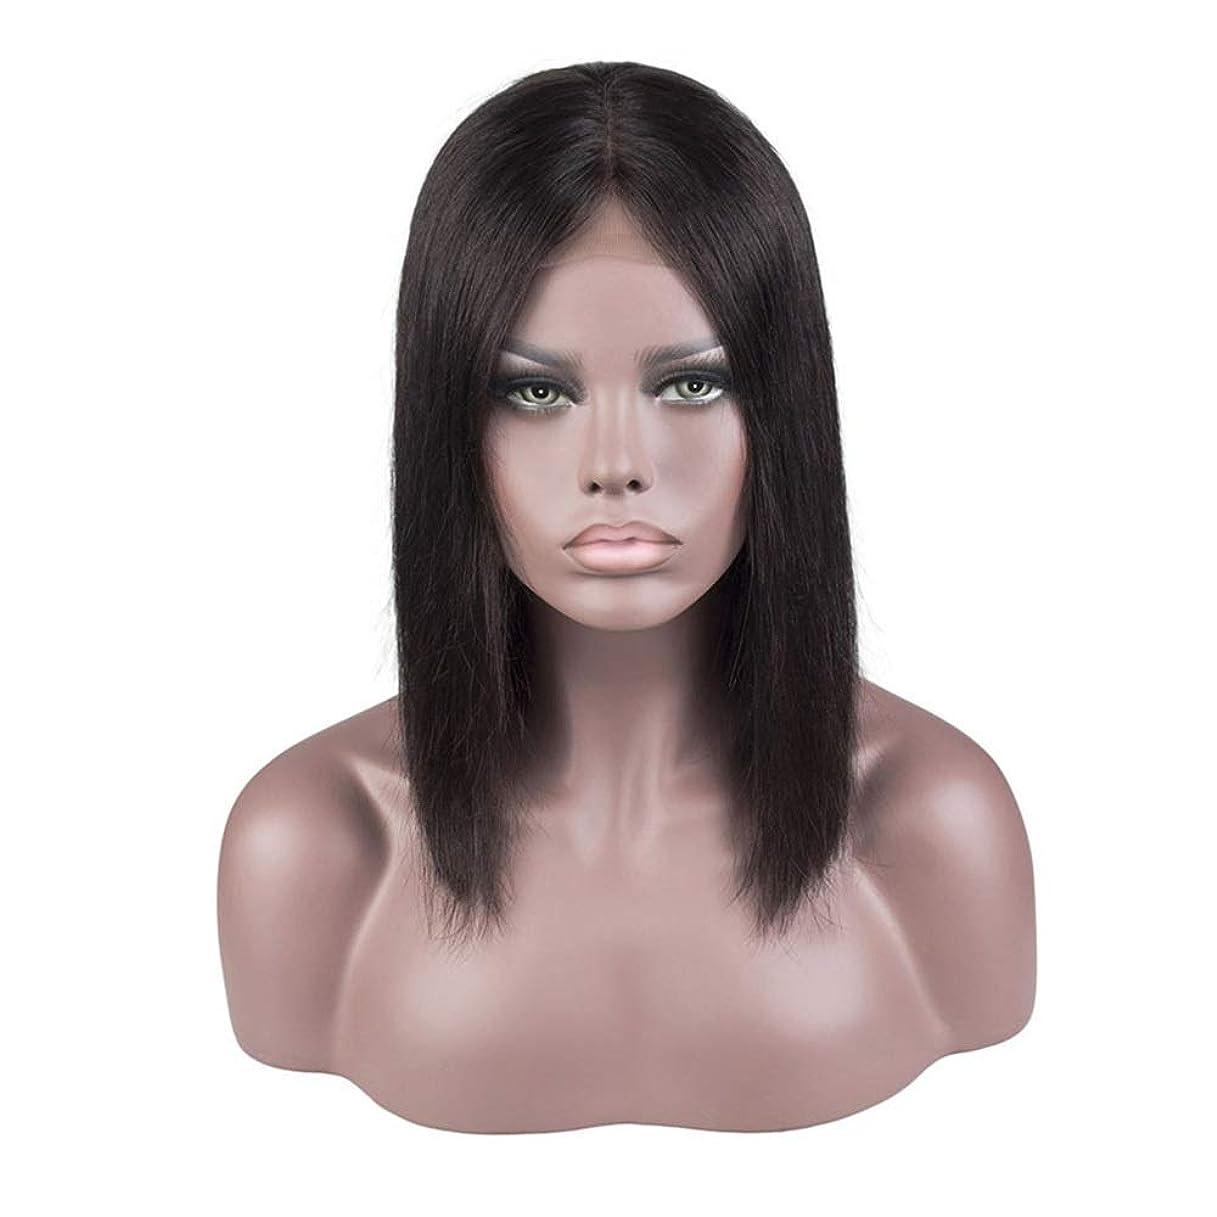 ある鼓舞する葉BOBIDYEE 4×4ディープミドルパートボブストレートレース閉鎖ブラジルバージン人間の髪の毛の閉鎖ナチュラルカラーショートウィッグ (色 : 黒, サイズ : 14 inch)